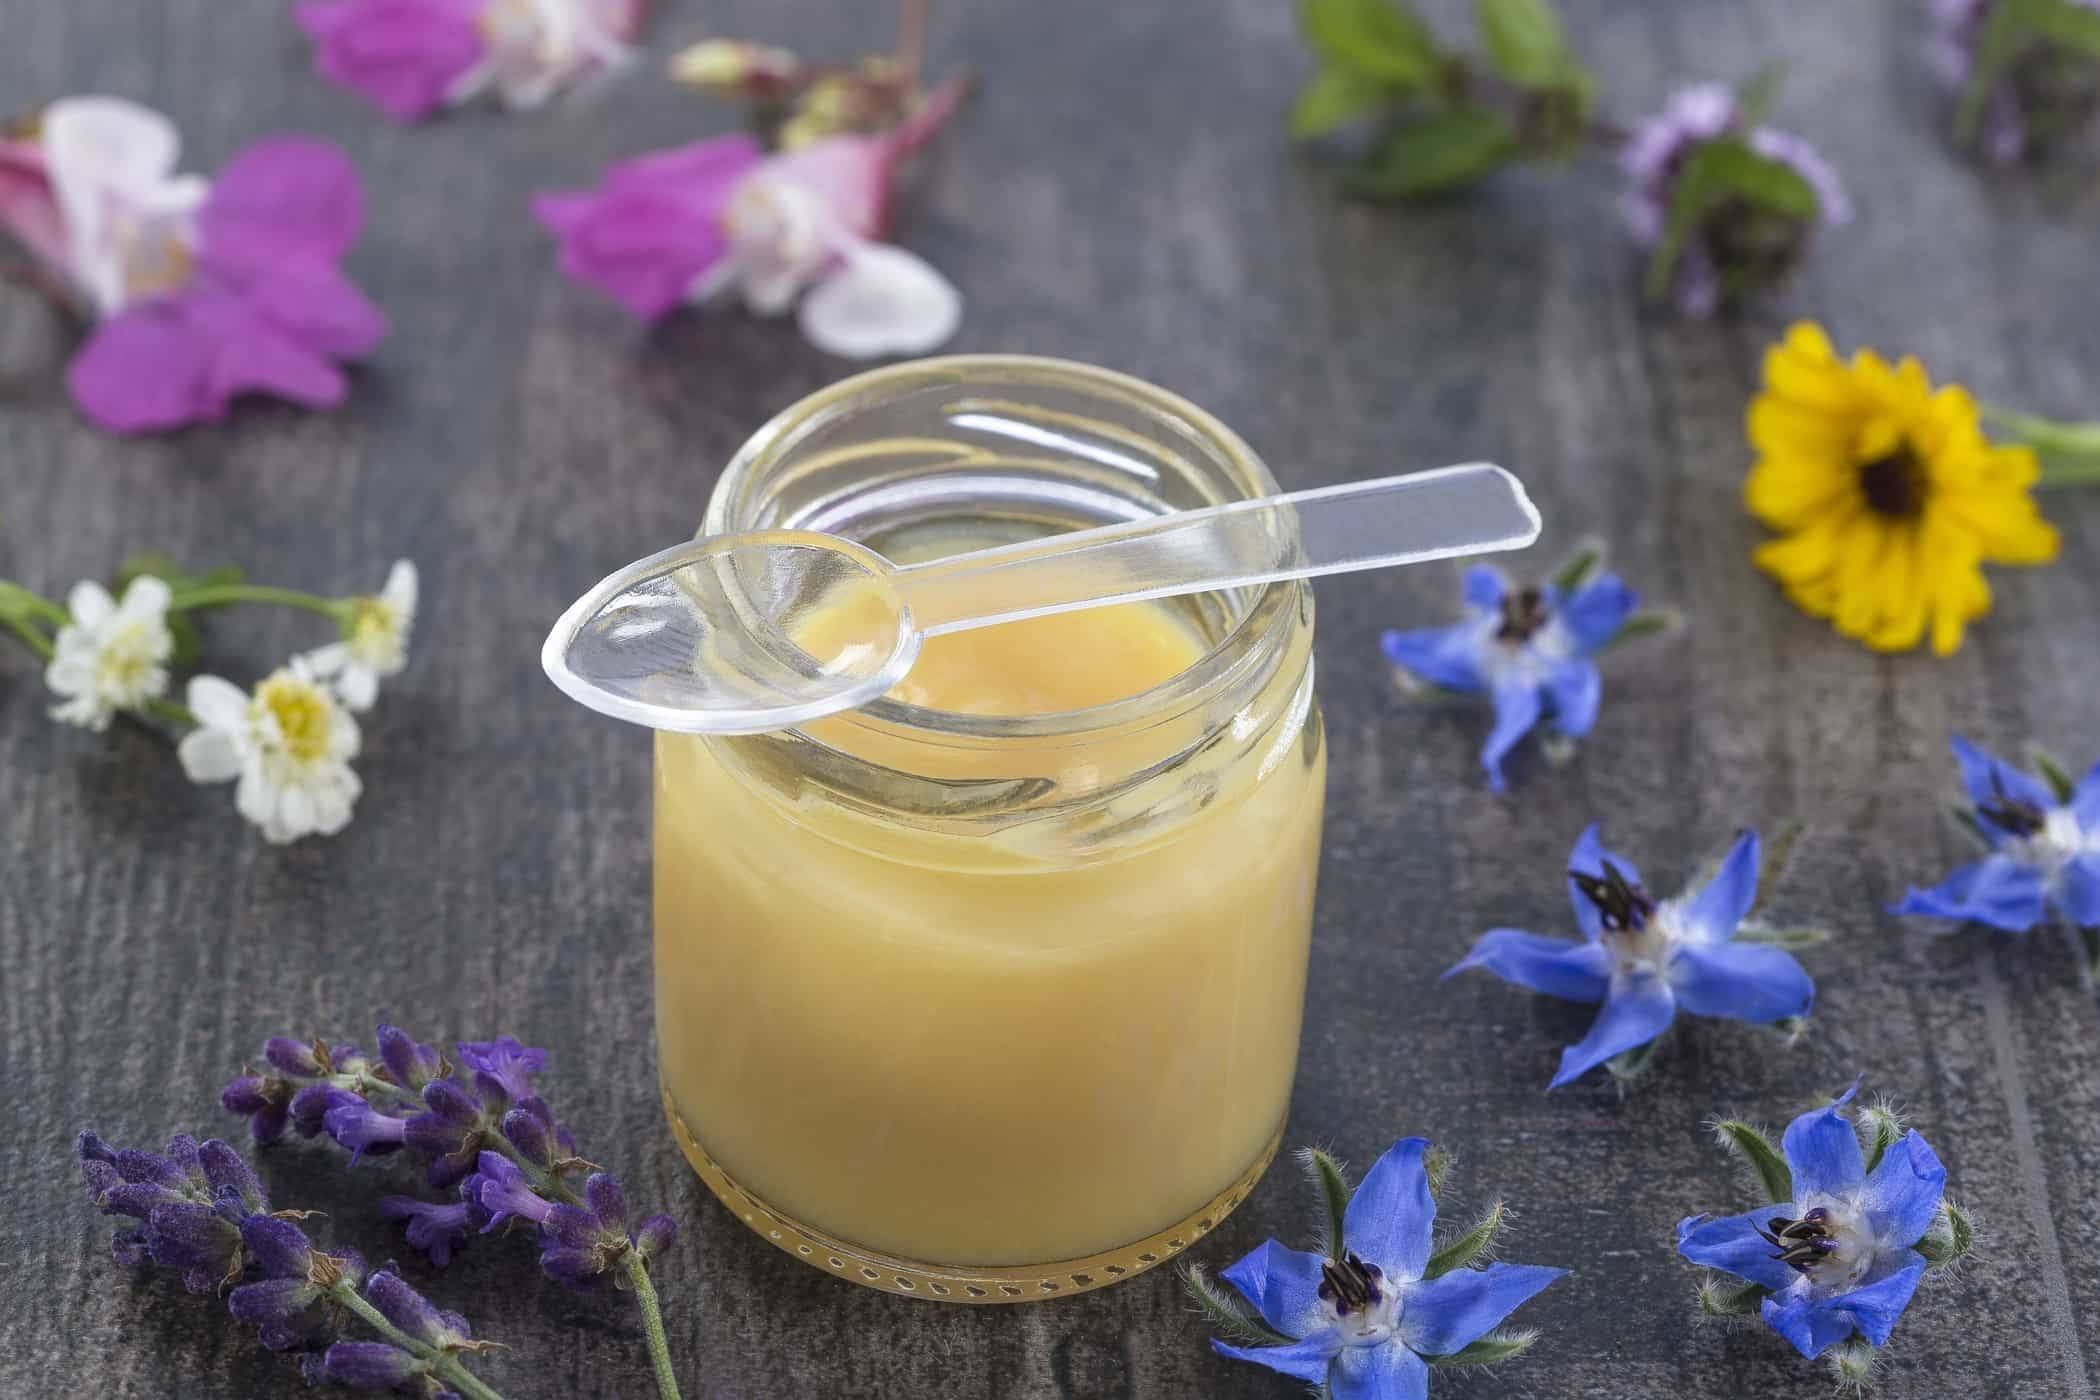 Пчелиное маточное молочко— полезные свойства диковинного вещества и тонкости его применения